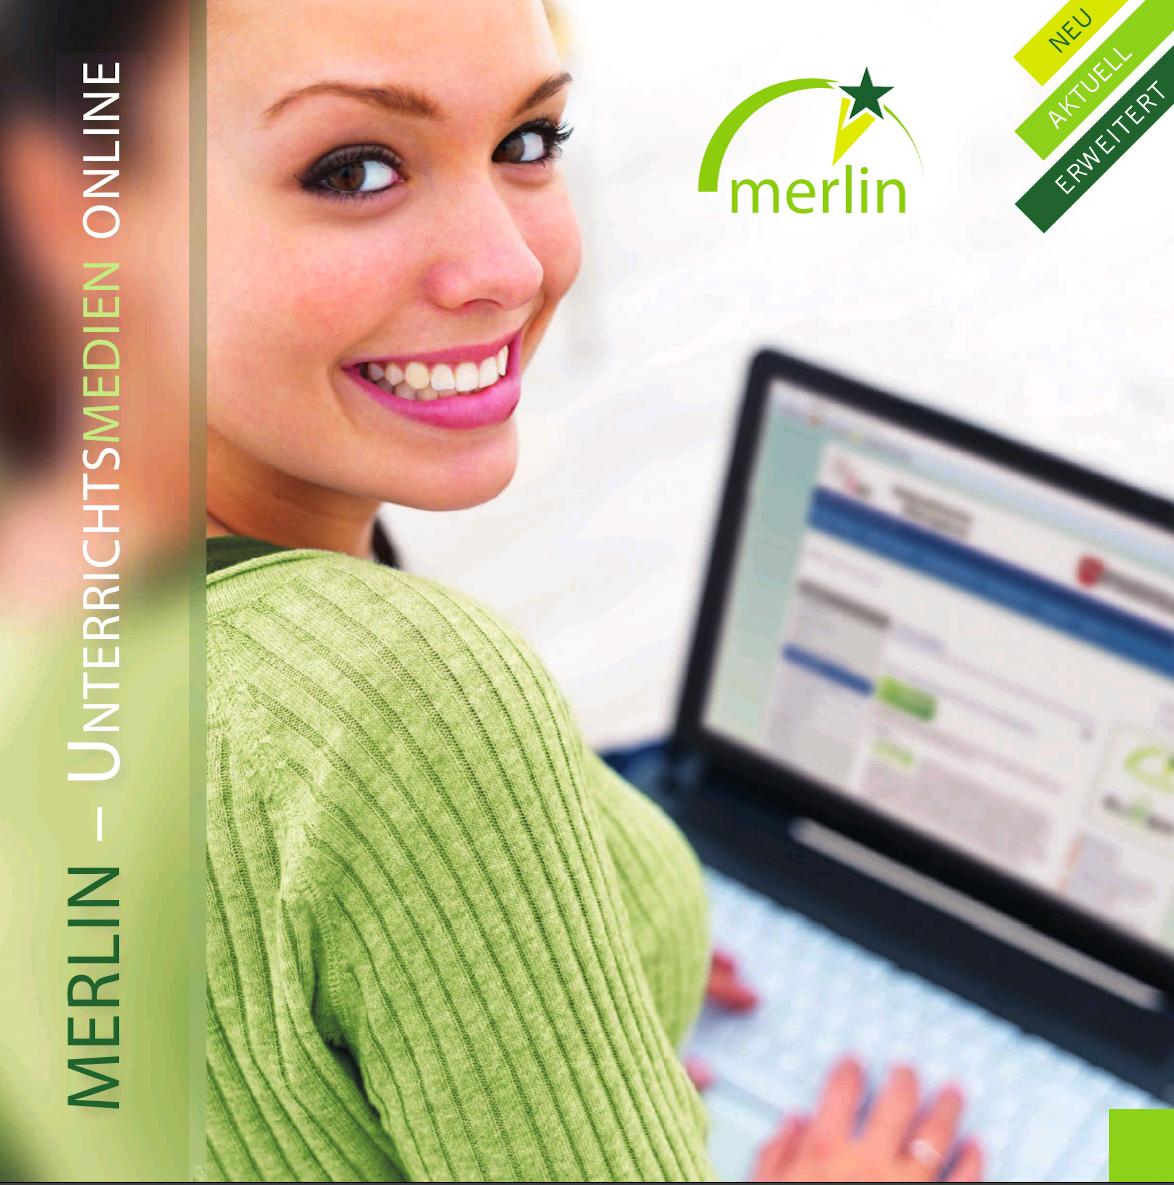 Merlin Medien